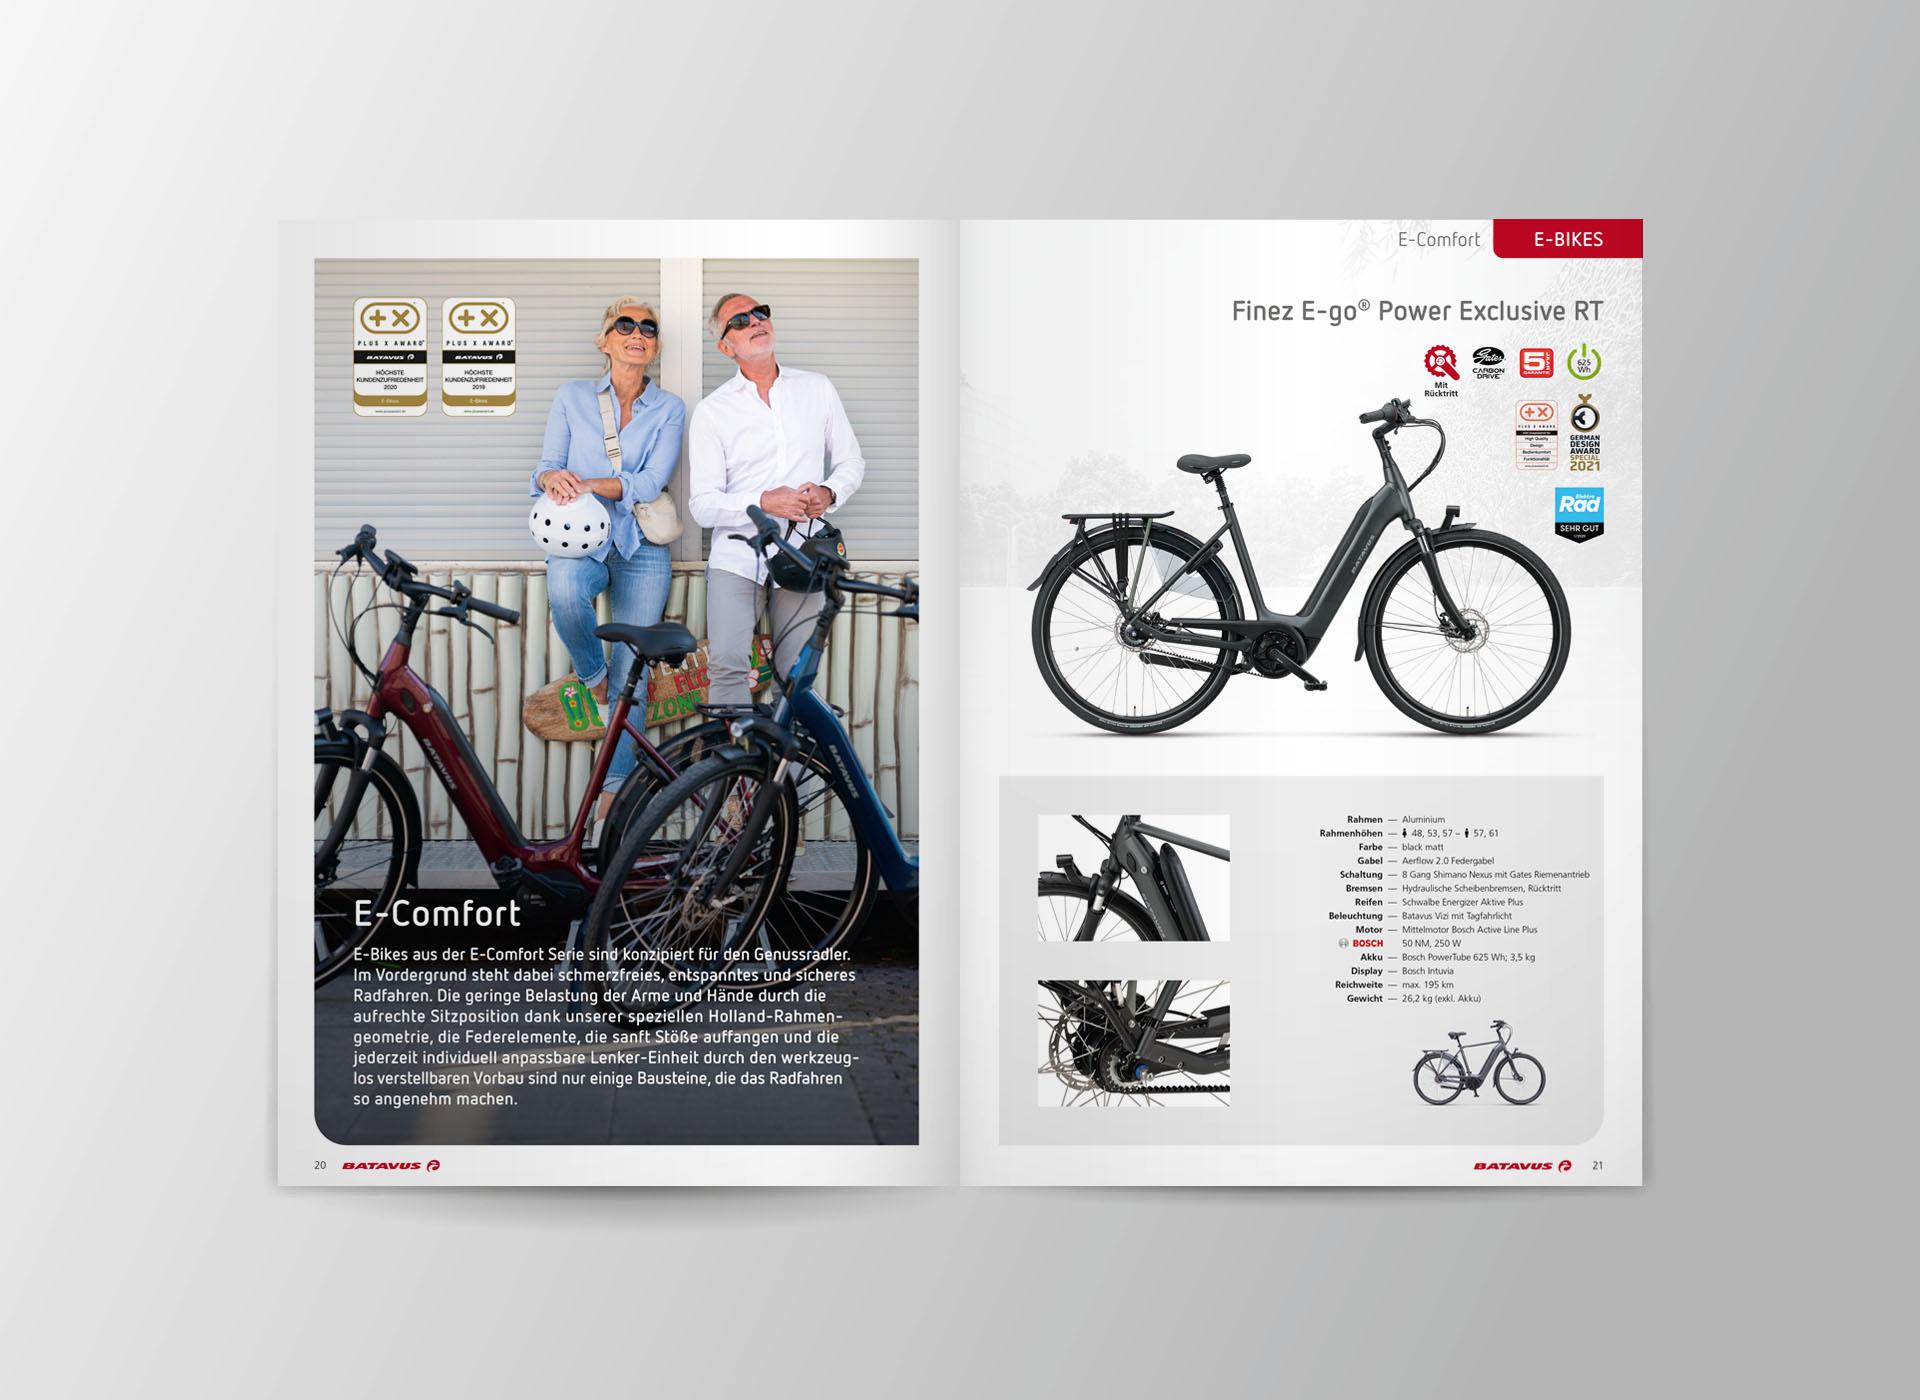 batavus produktkatalog 2021 05 - Fachlich fest im Sattel: Der Batavus Produktkatalog 2021 – Corporate Design, Grafikdesign, Kommunikationsdesign, Branding, Markenentwicklung, Editorial Design